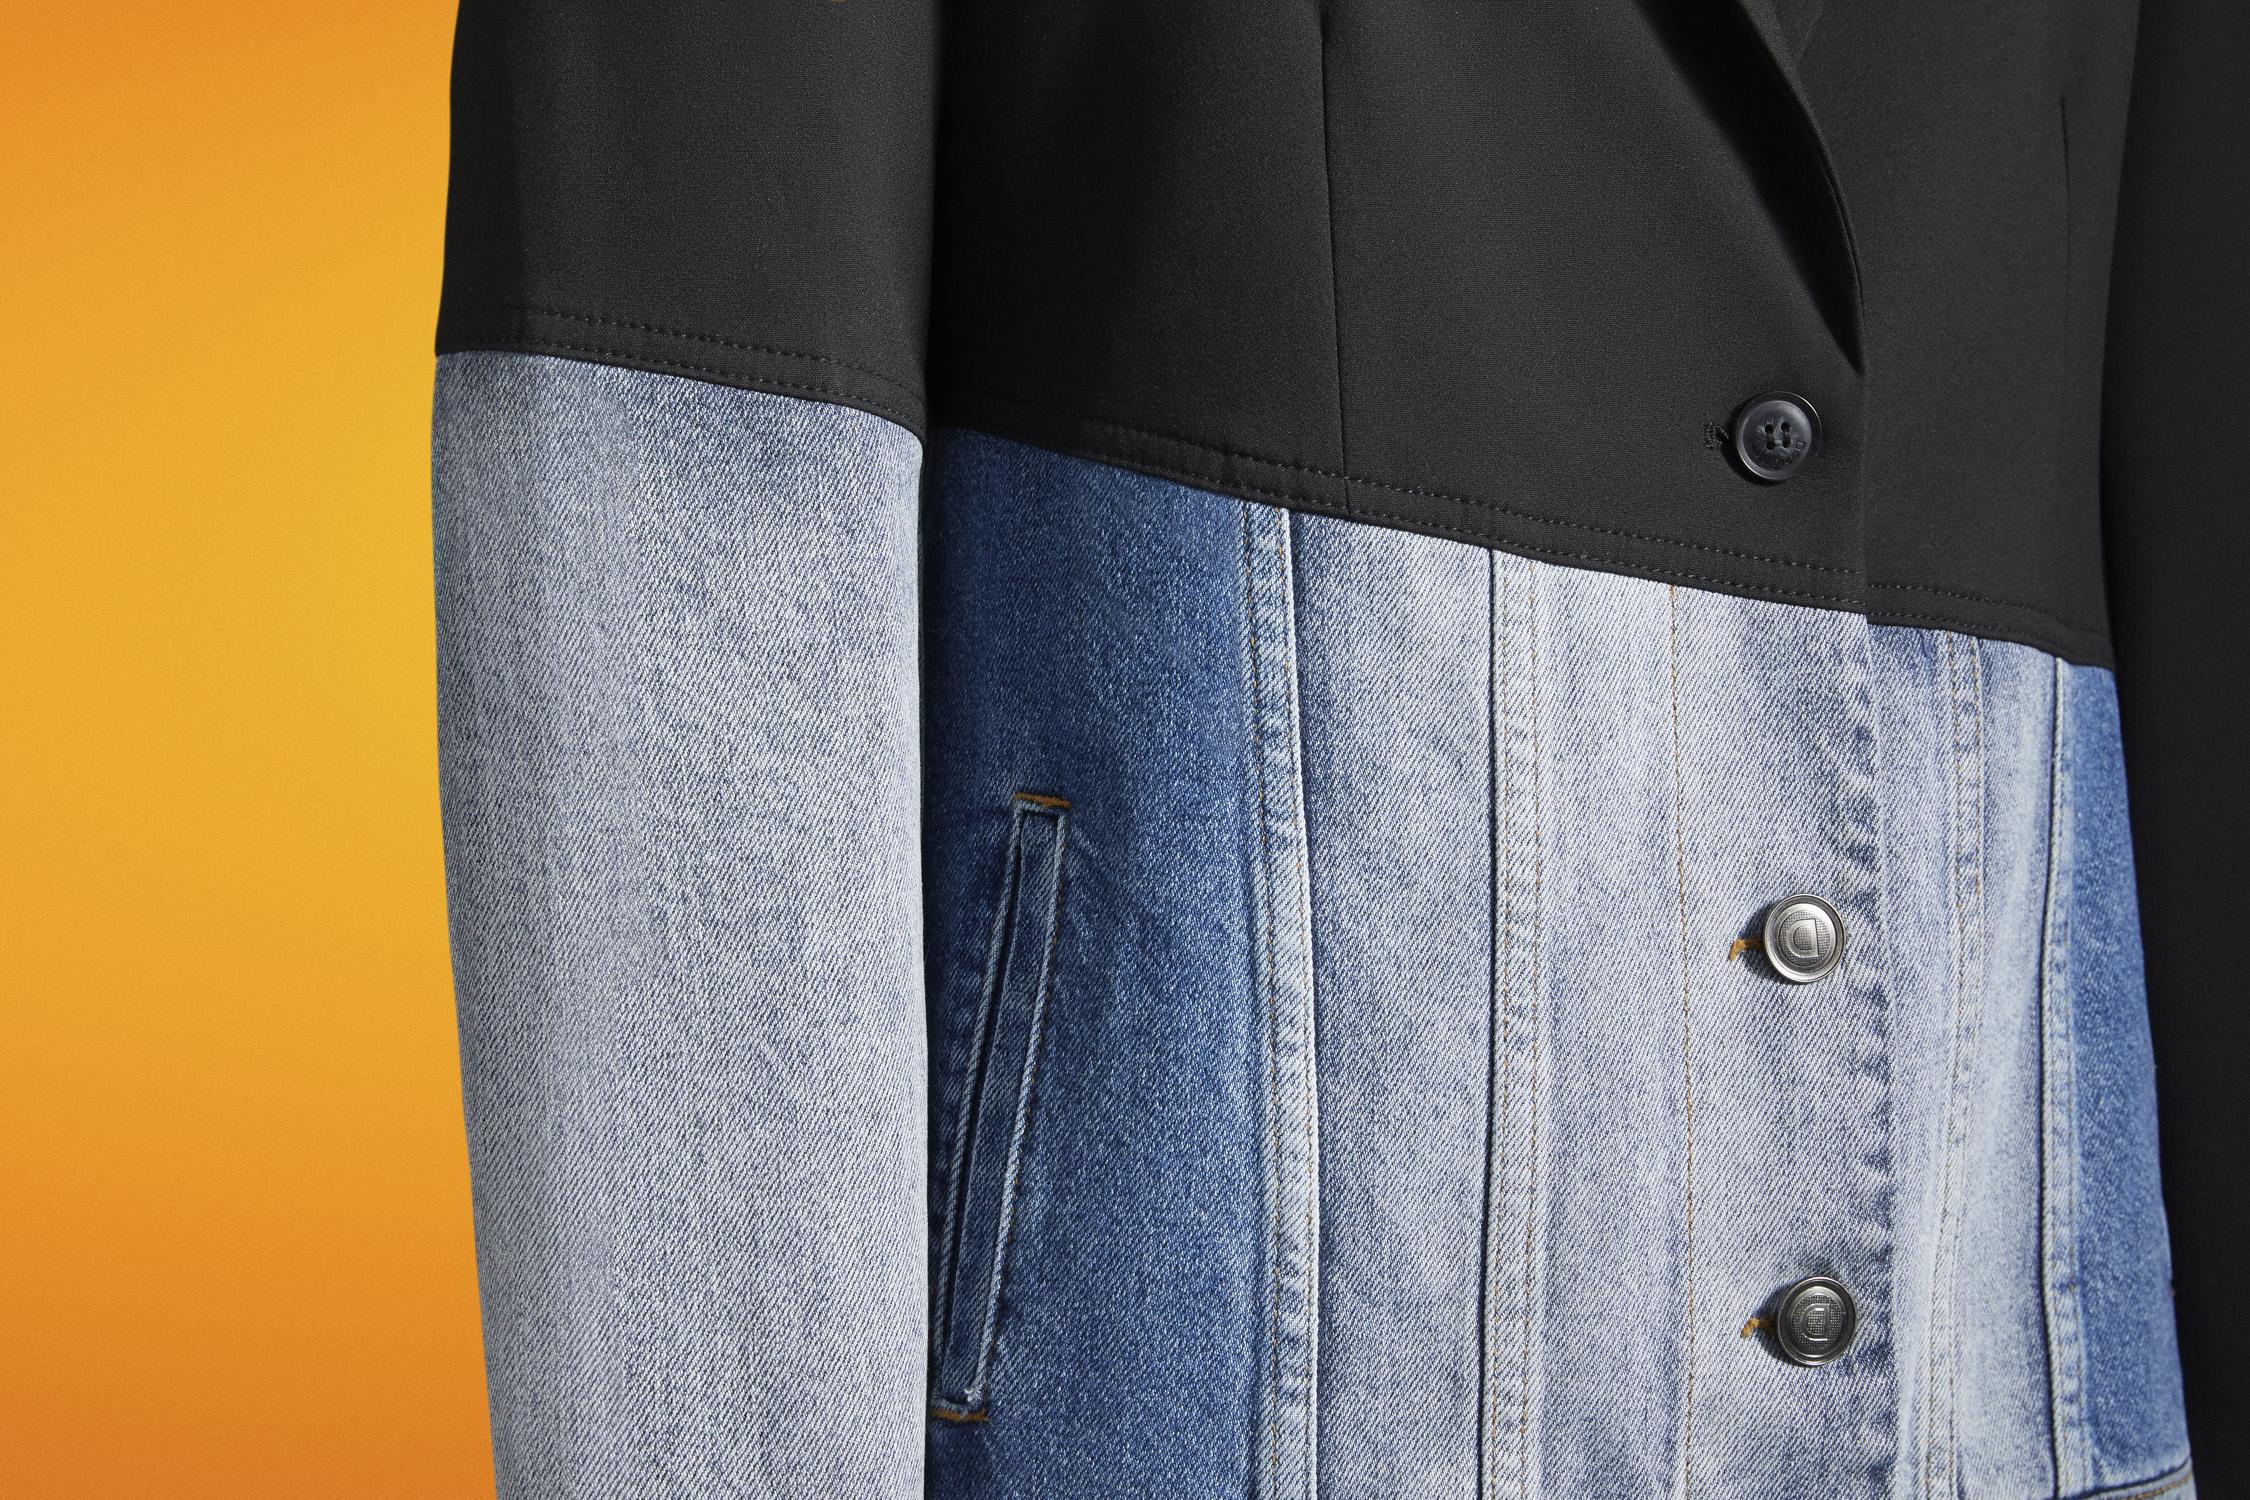 26. kép: Hybrid Jacket Desigual